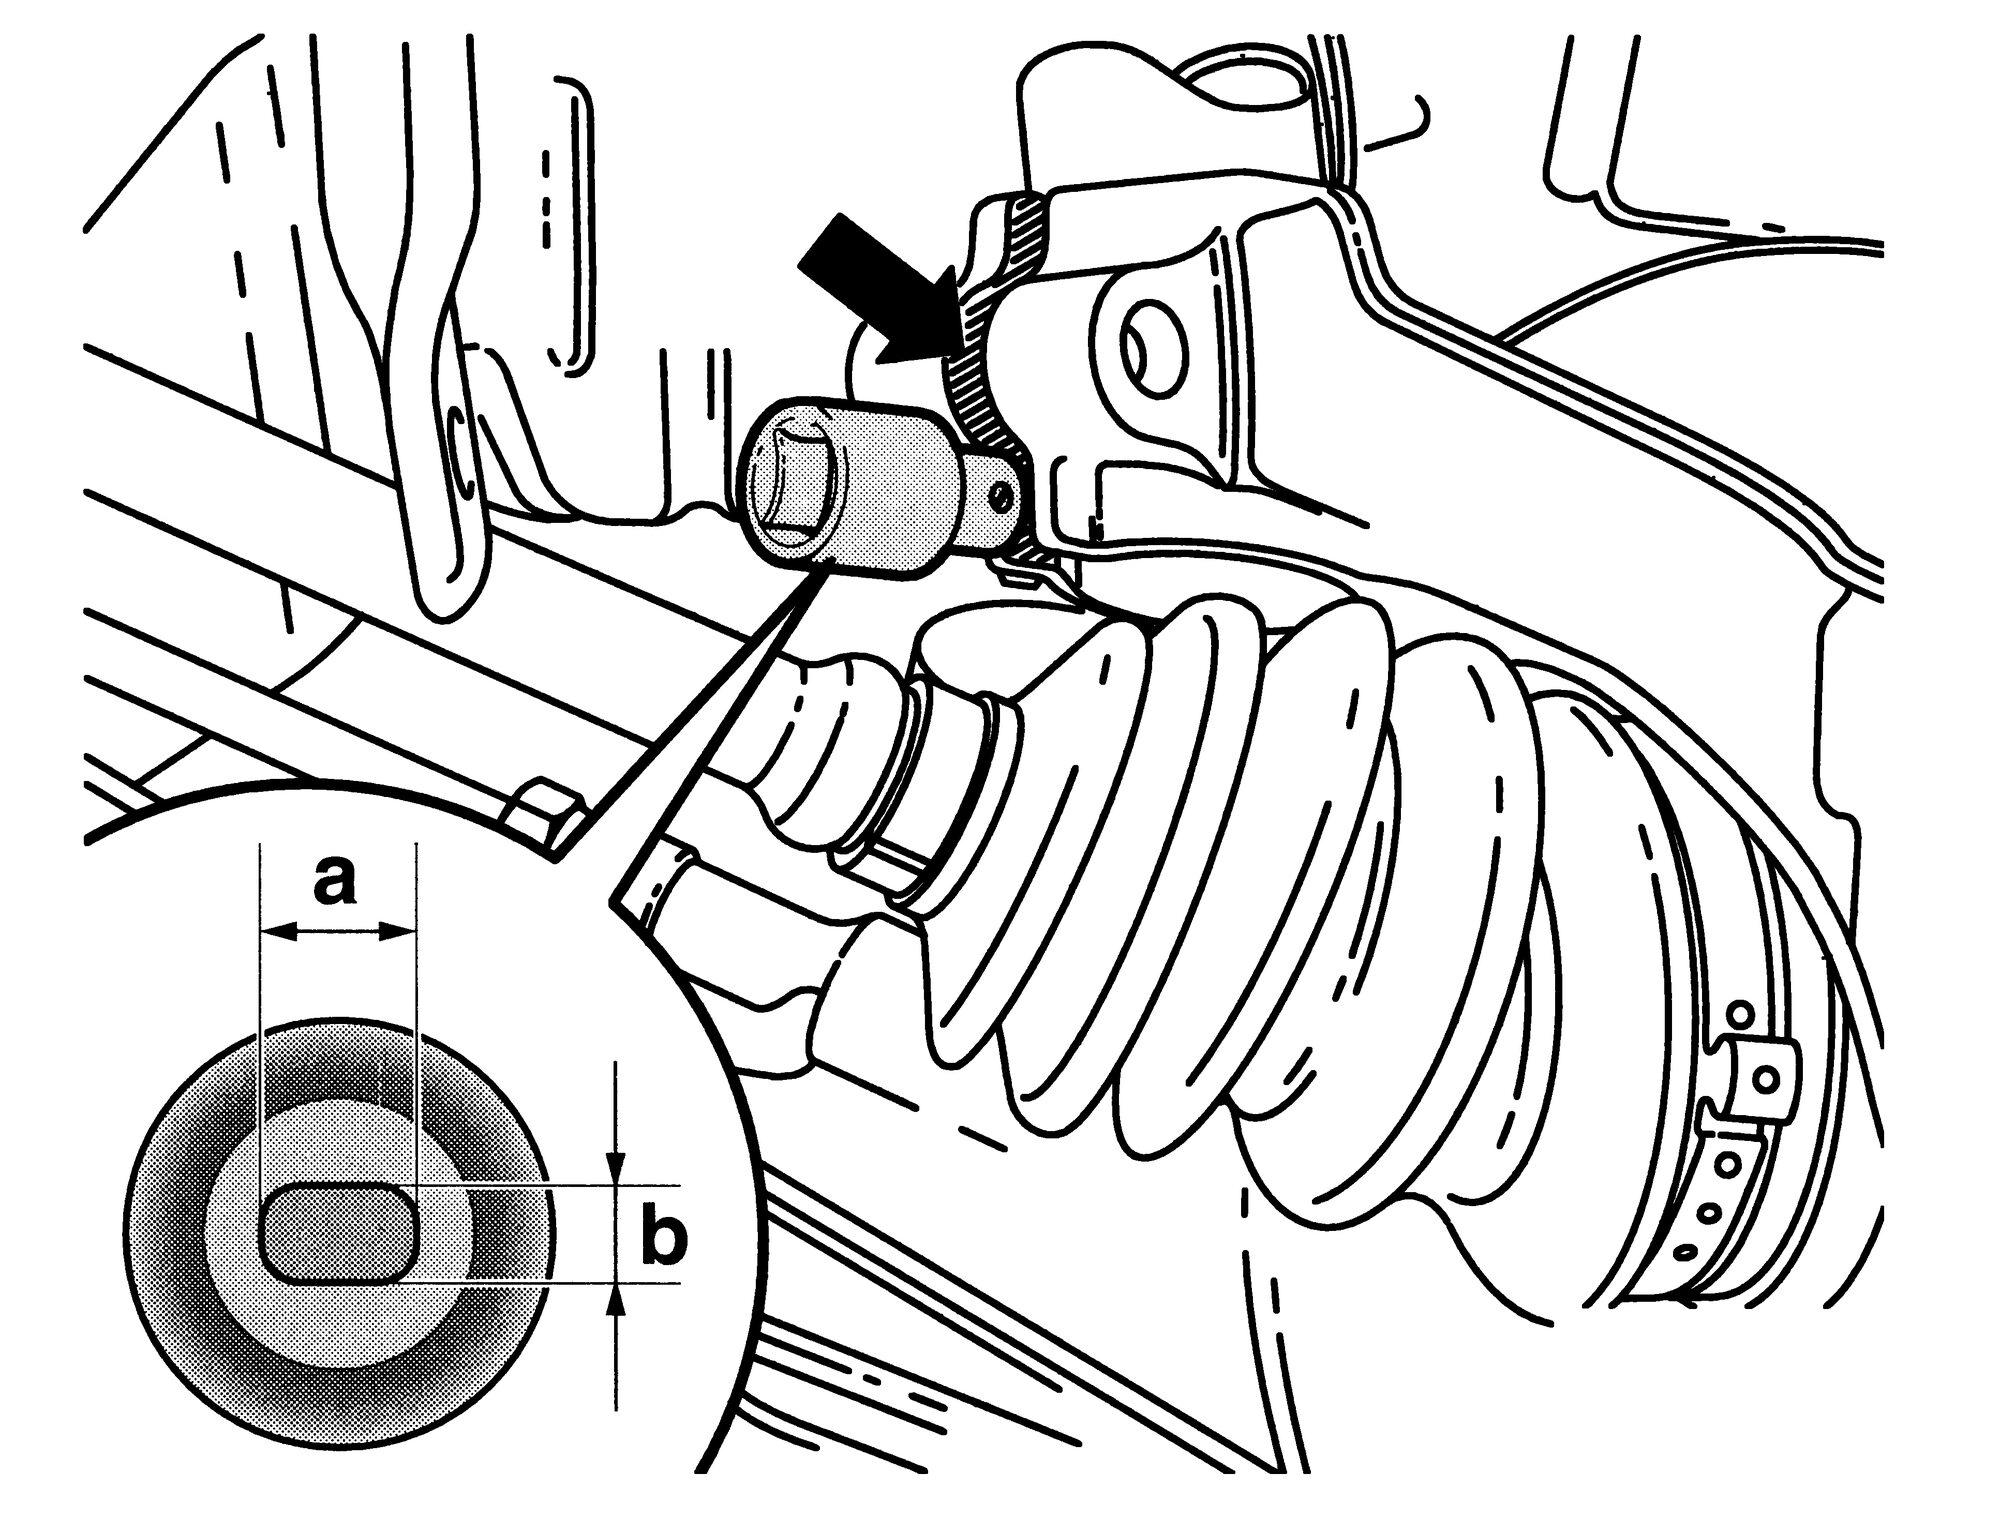 HAZET Radlagergehäuse-Spreizer 4912-3 ∙ Vierkant hohl 12,5 mm (1/2 Zoll) ∙ Zapfenprofil massiv